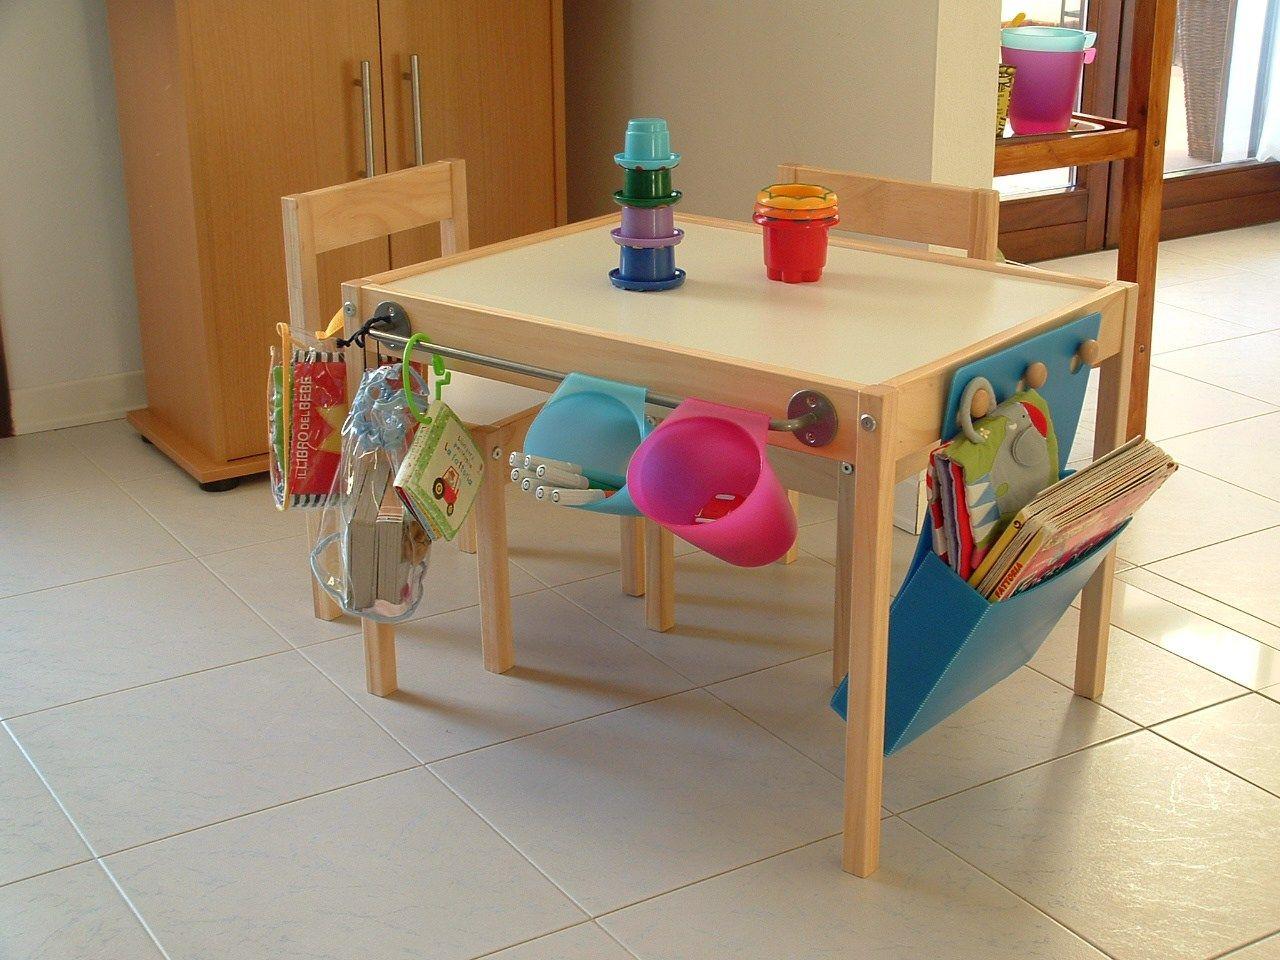 Tavolo Bambini ~ 9 tavoli per bambini ikea personalizzati per mantenere ordine in